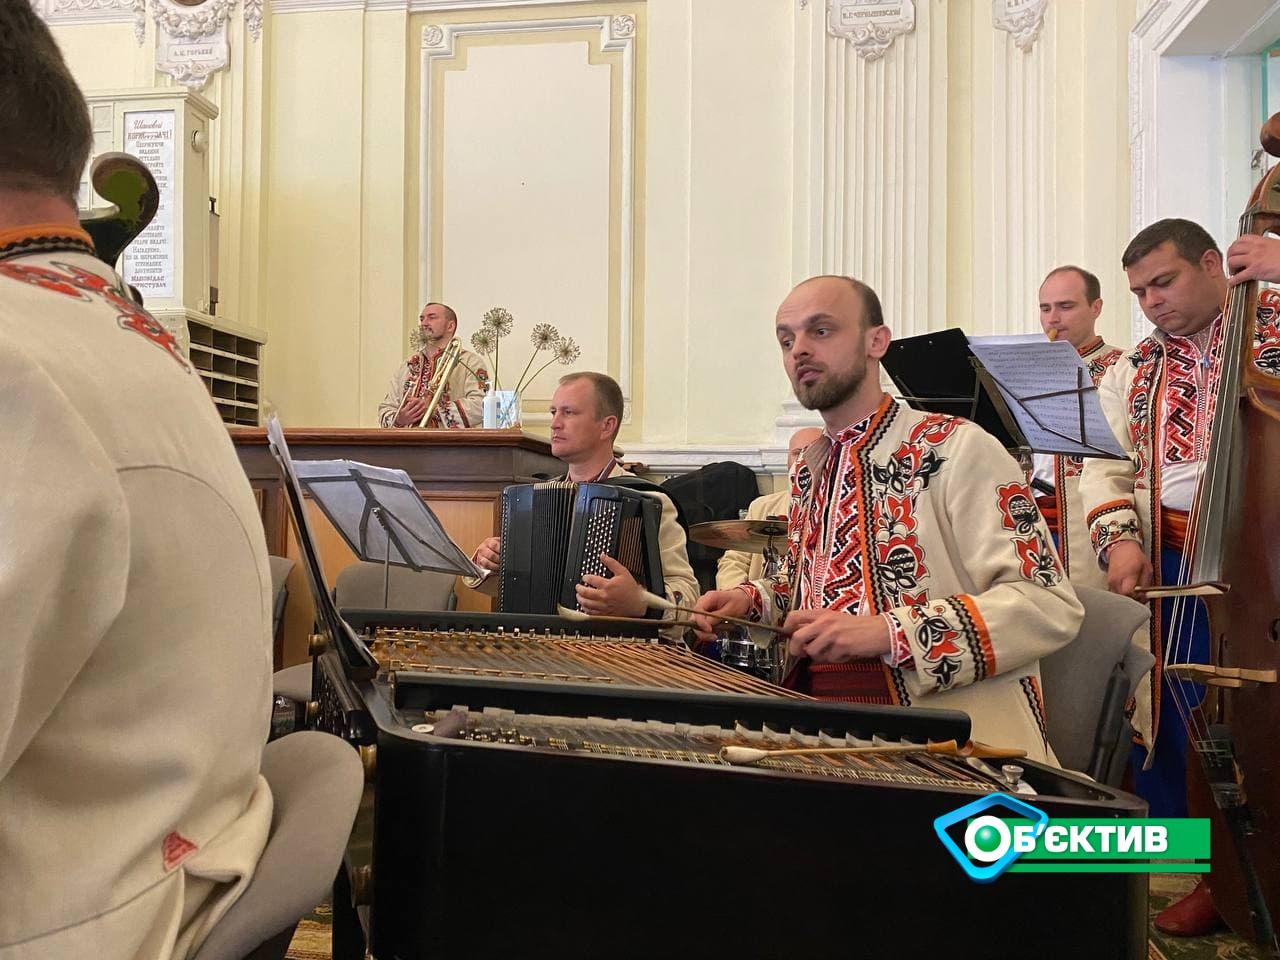 В главной научной библиотеке Харькова – конкурс бандуристов